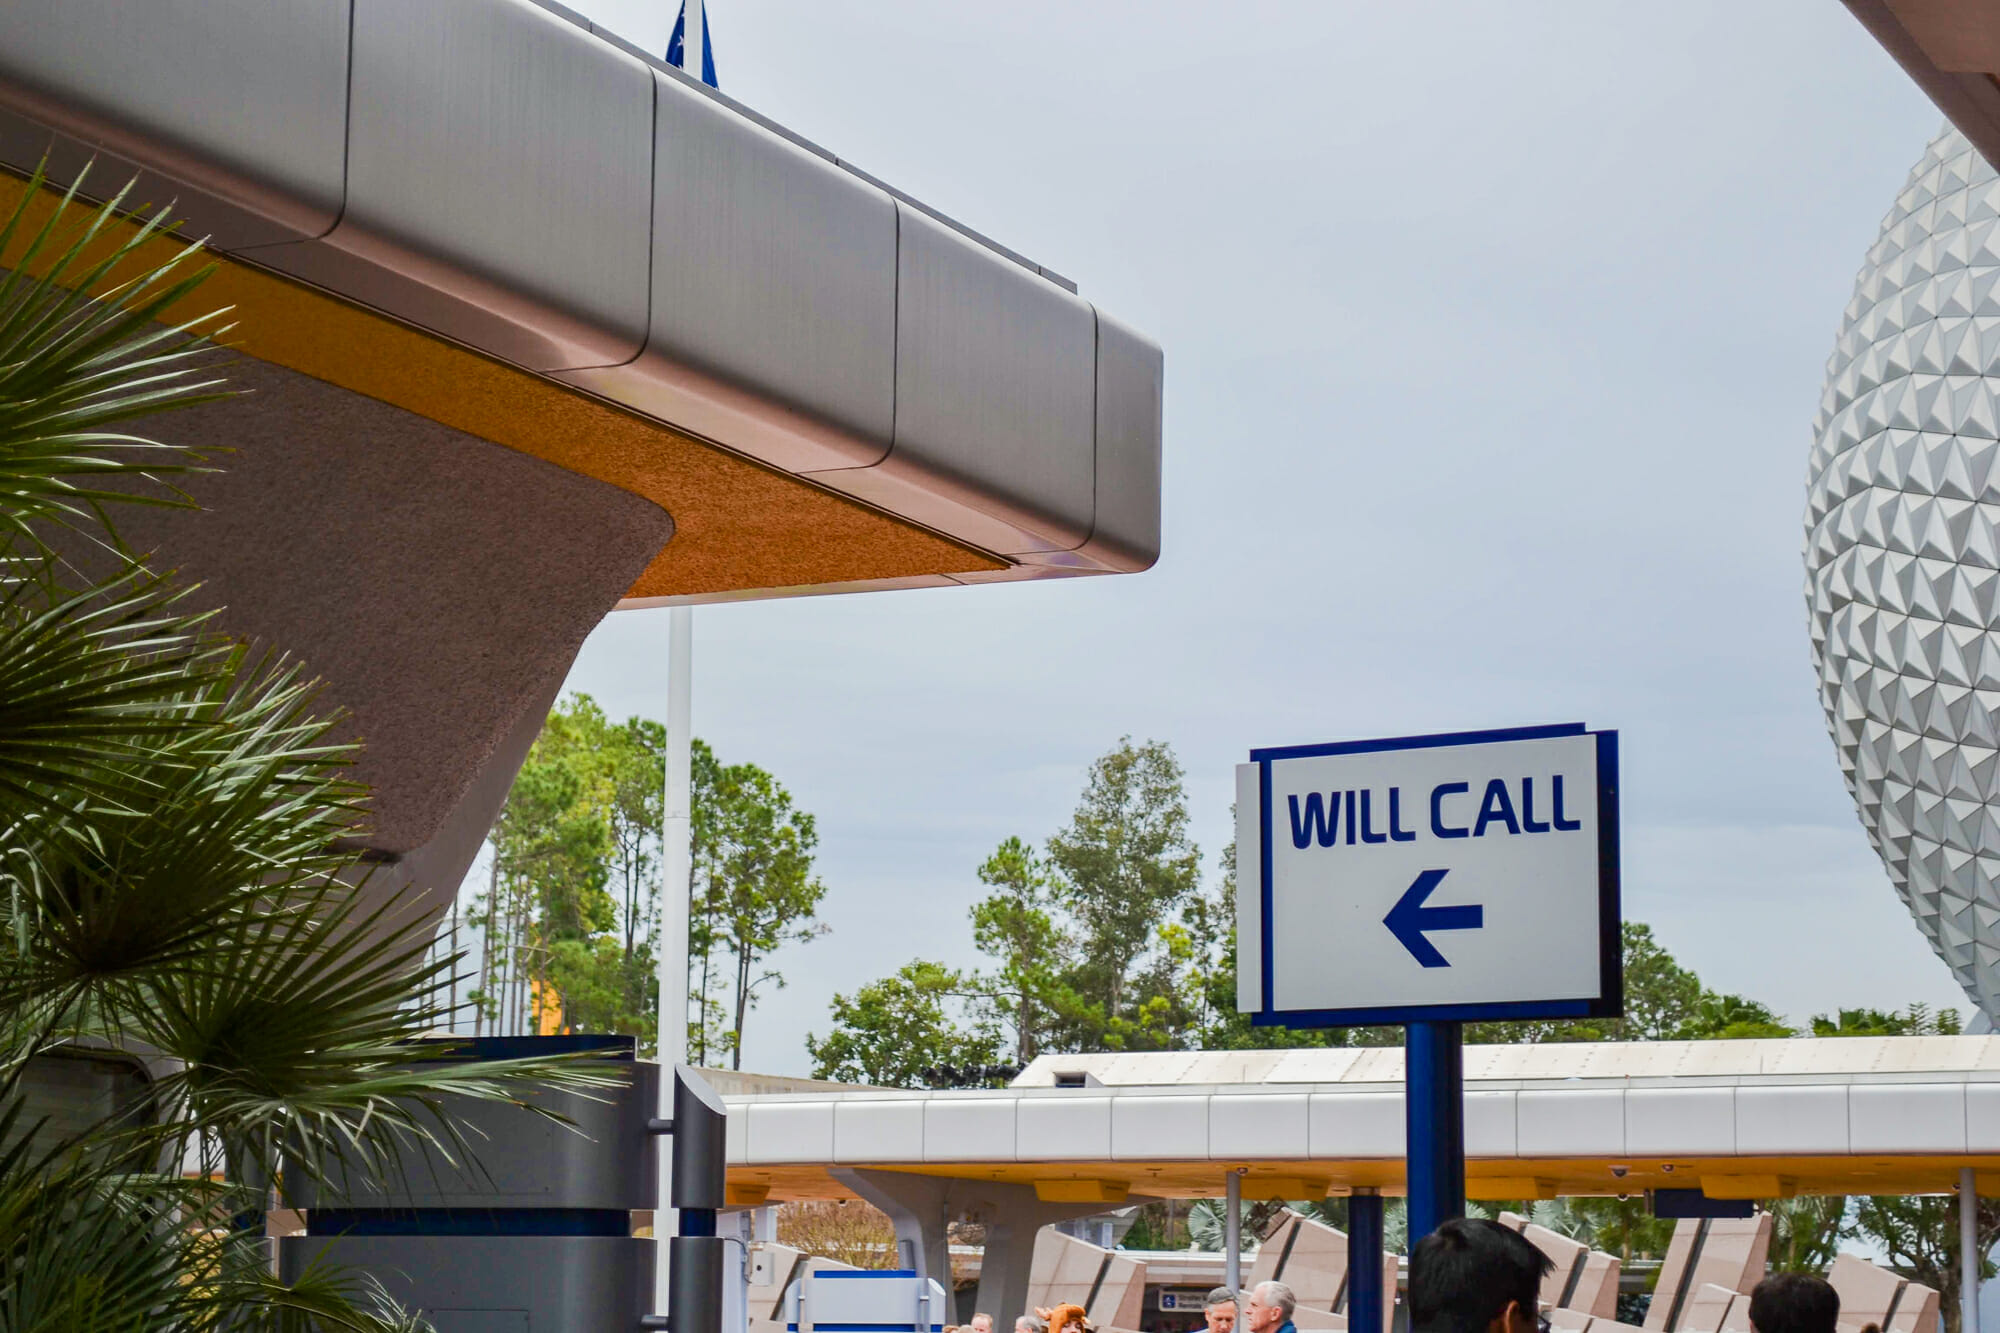 """Foto com a placa indicando a direção do Will Call no Epcot, com parte da """"bola"""" visível na lateral da imagem. A placa tem fundo branco, letras azuis, uma flecha apontando para a esquerda e diz """"Will Call"""""""